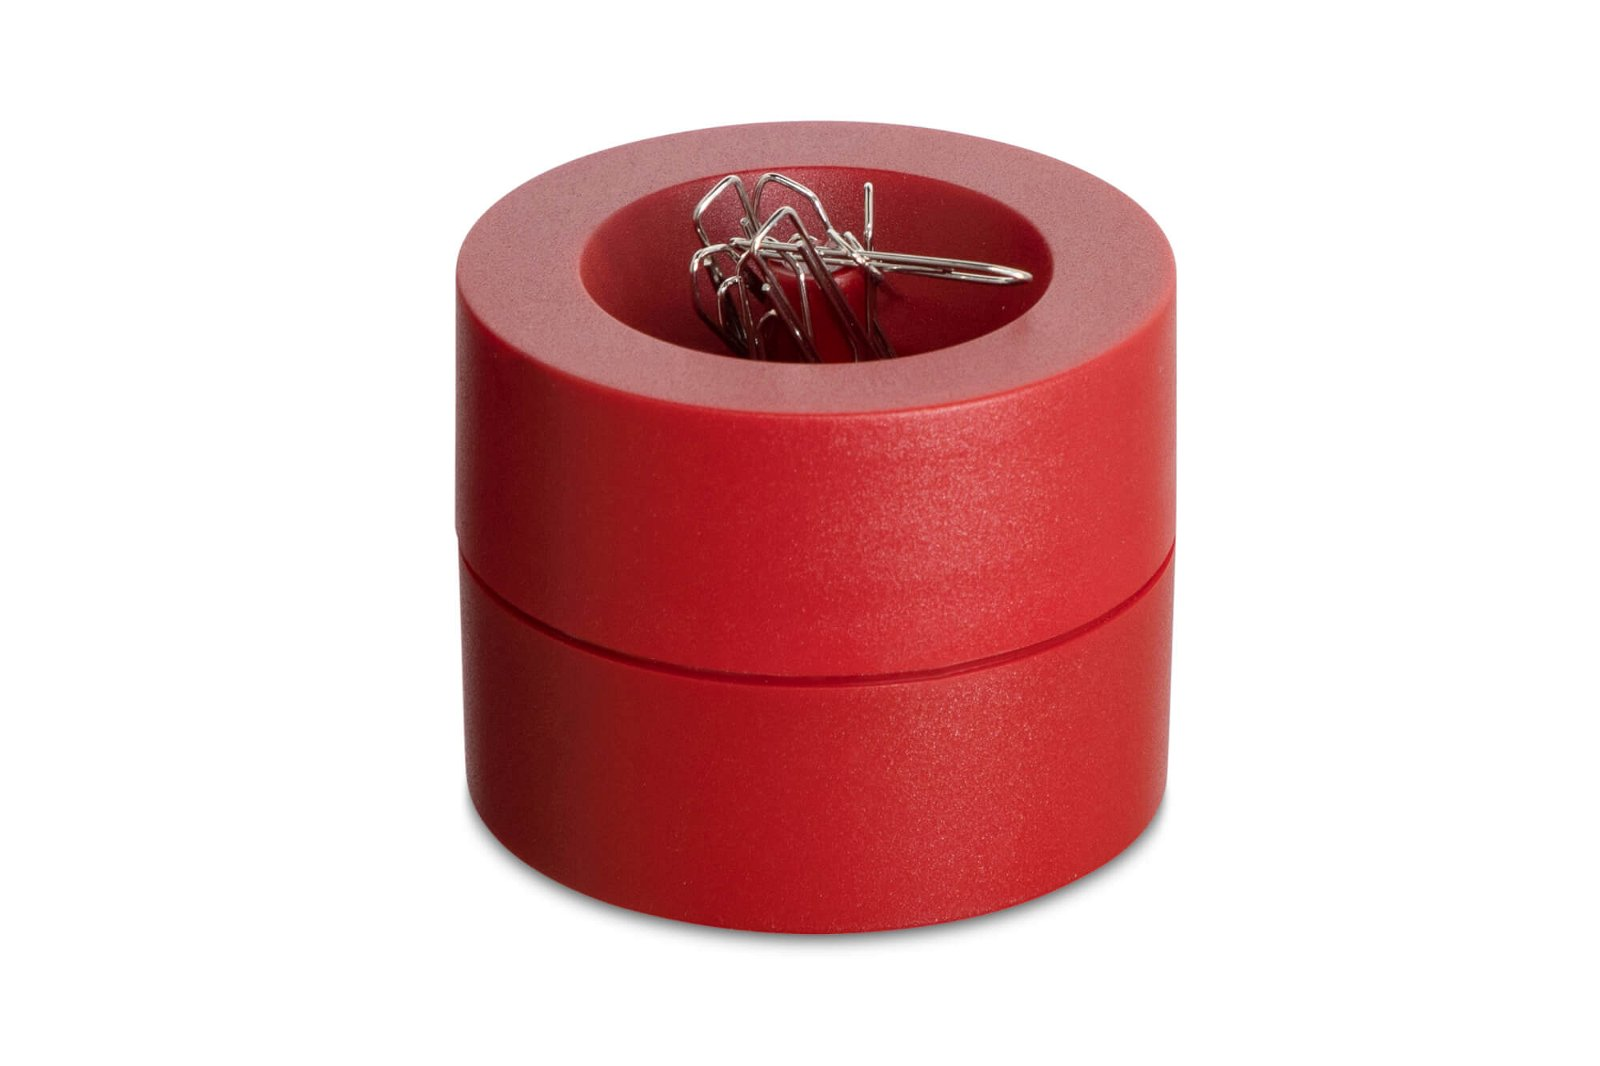 Klammernspender MAULpro, rot